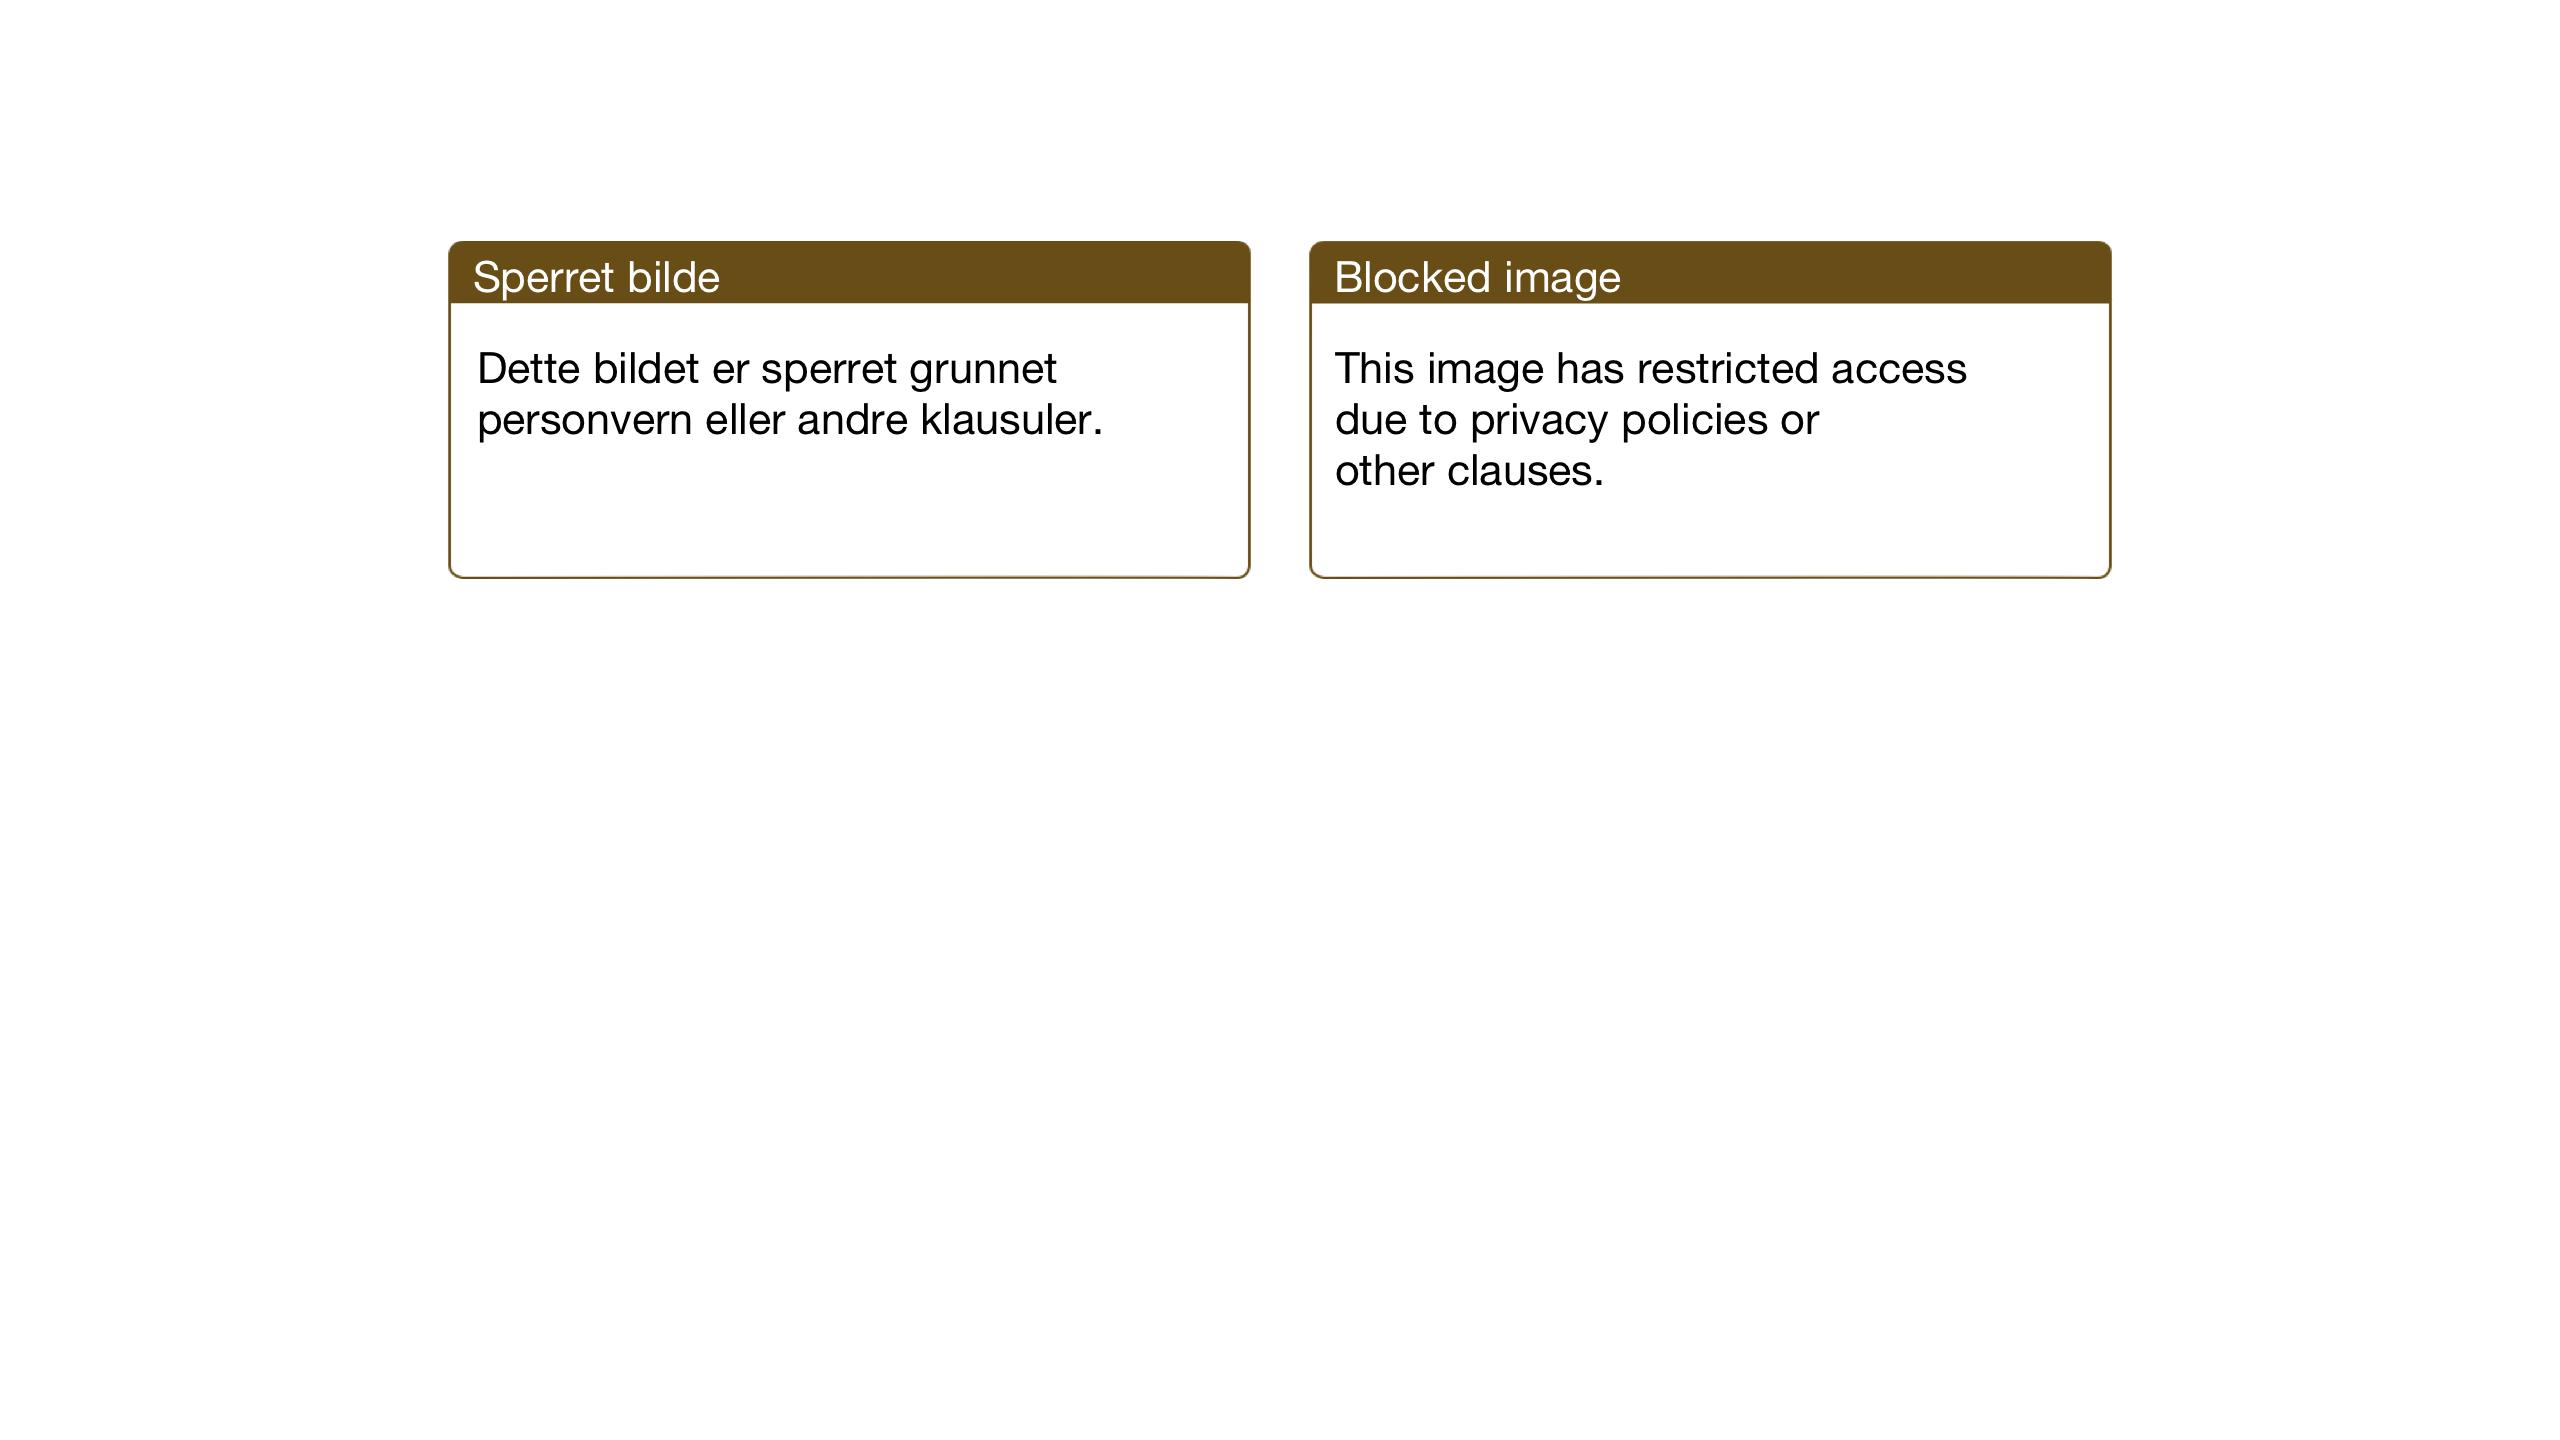 SAT, Ministerialprotokoller, klokkerbøker og fødselsregistre - Sør-Trøndelag, 651/L0648: Klokkerbok nr. 651C02, 1915-1945, s. 144